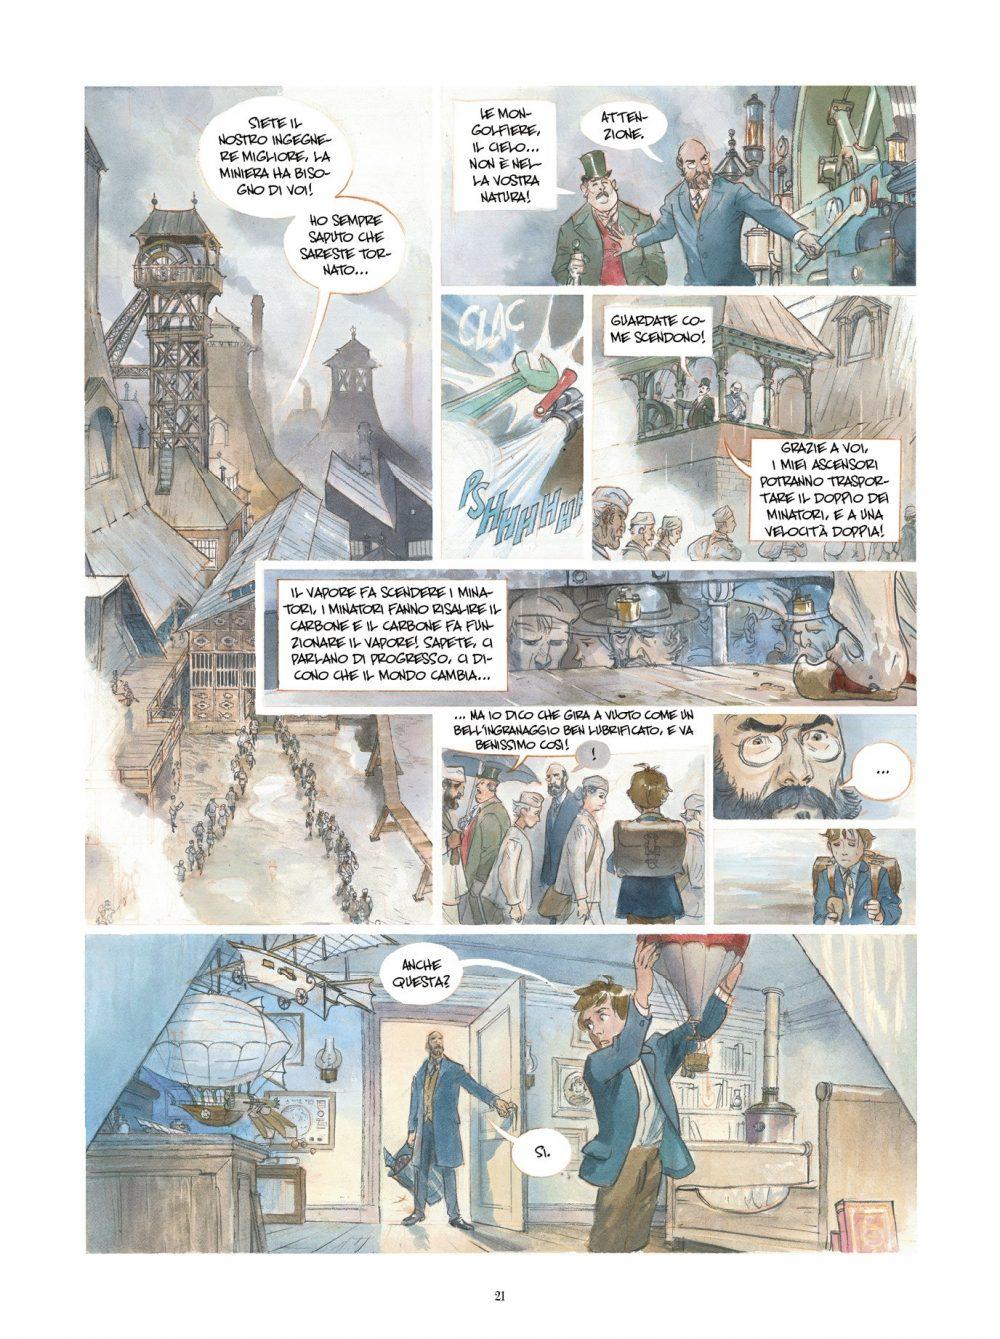 Il Castello delle Stelle - 1869: La Conquista dello Spazio, anteprima 01Il Castello delle Stelle - 1869: La Conquista dello Spazio, anteprima 03